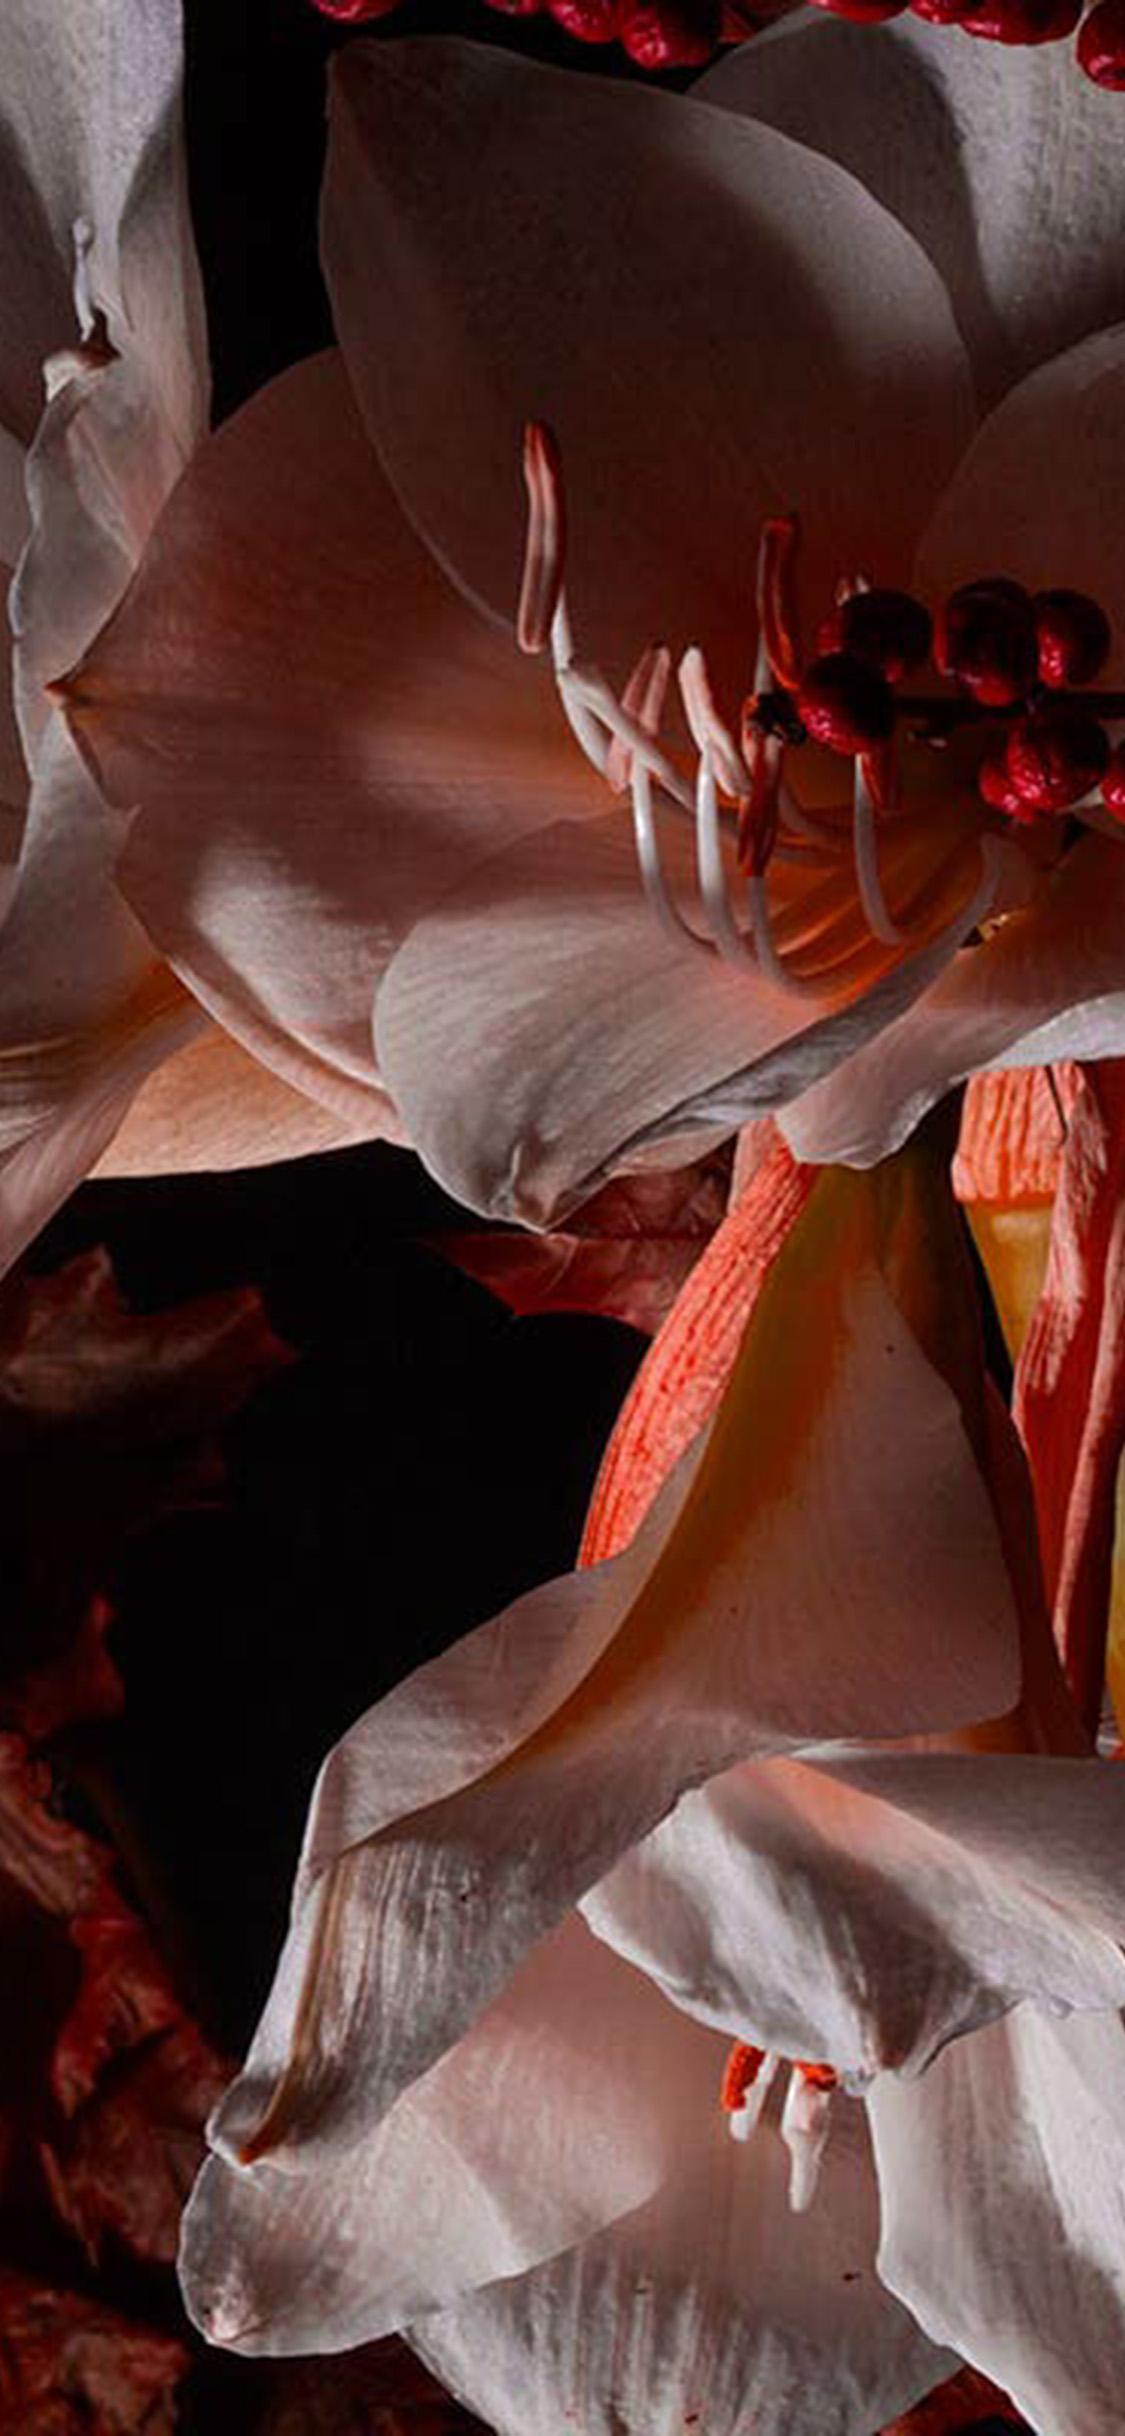 iPhonexpapers.com-Apple-iPhone-wallpaper-bj80-art-flower-dark